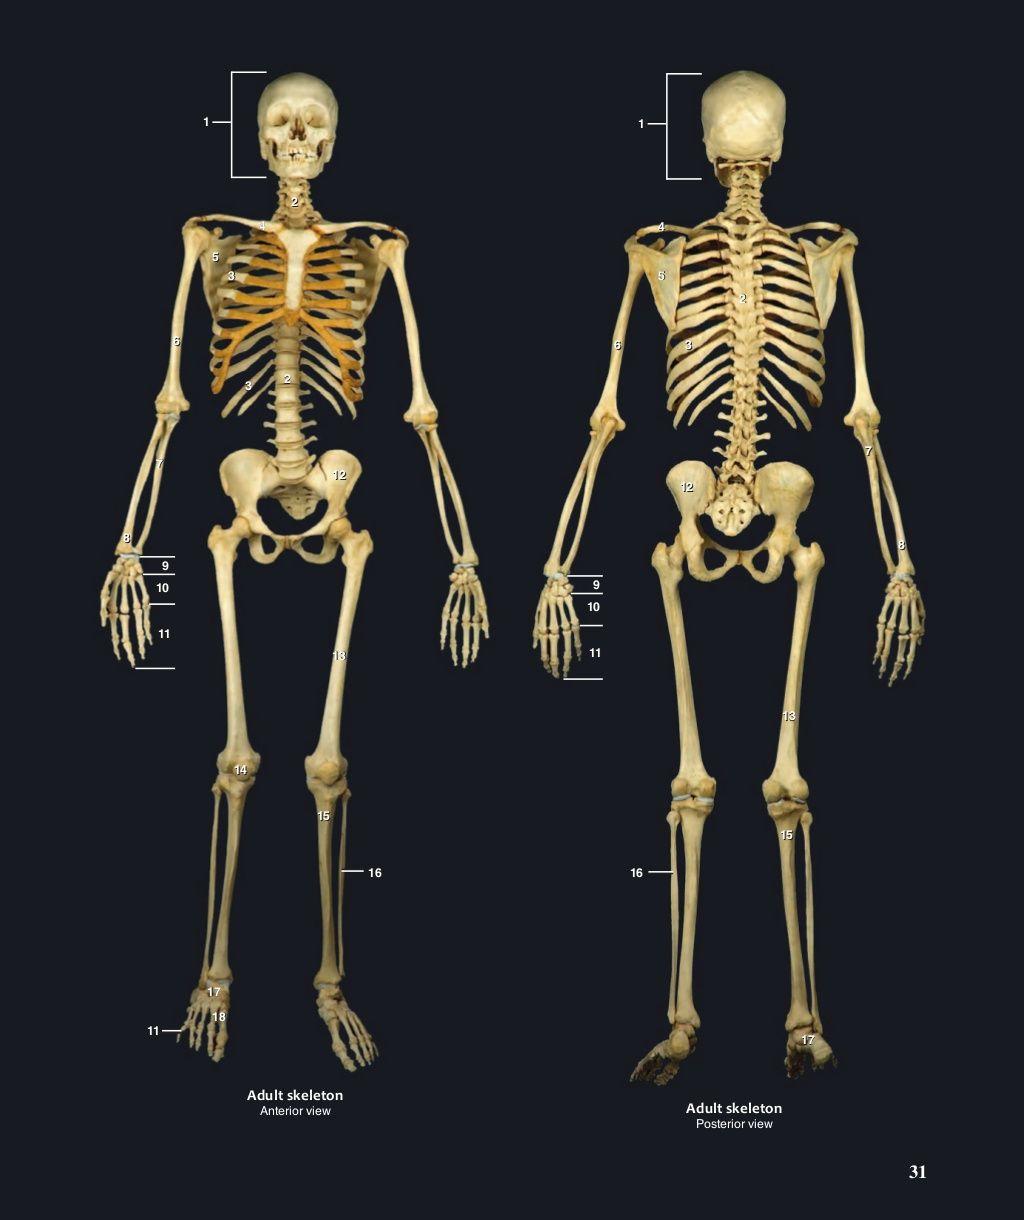 32 Newborn Skeleton Lateral View 1 Cranial Bones 2